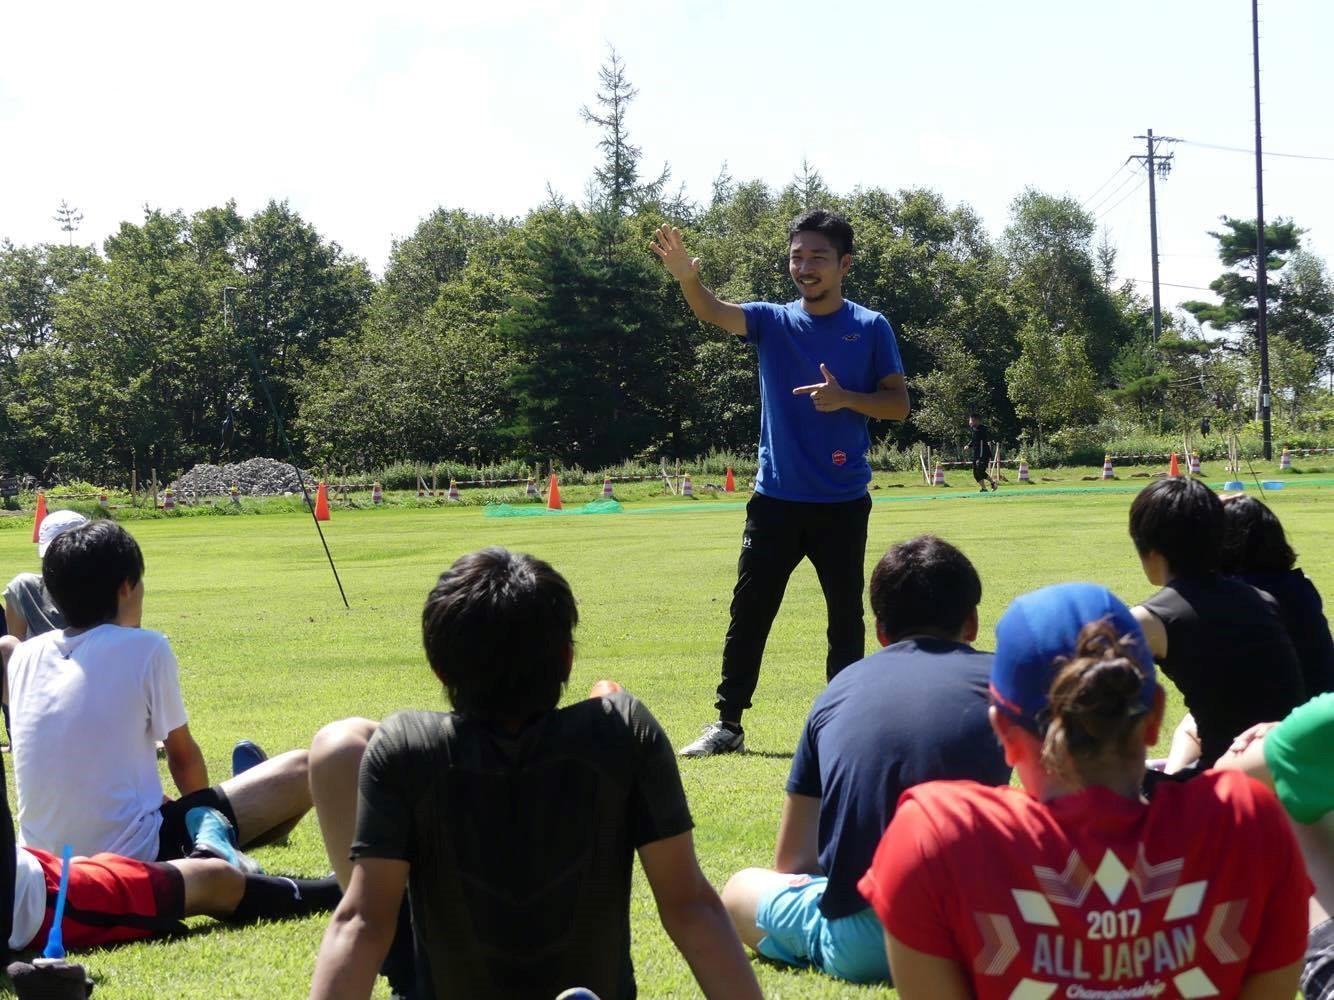 スポーツメンタルトレーナーに聞く 子どものやる気をぐんと引き出す声かけ【第2回】